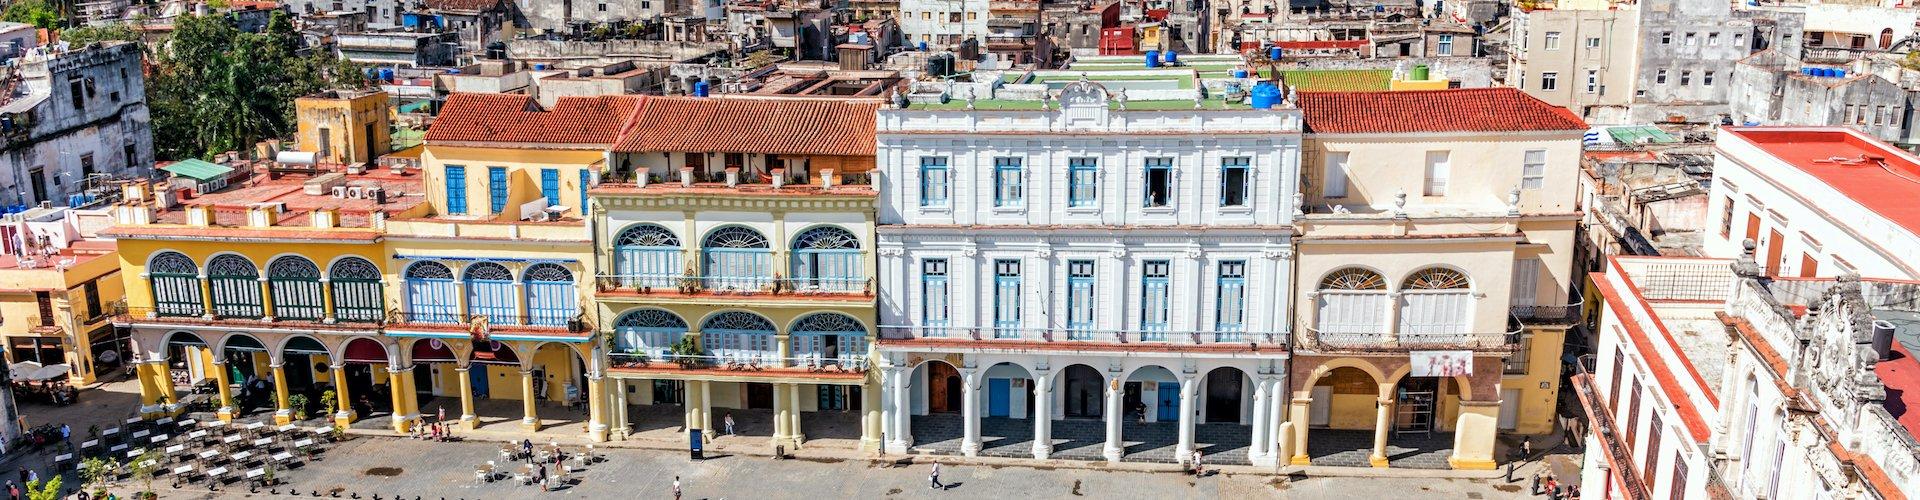 Ausflugsziel La Habana Vieja